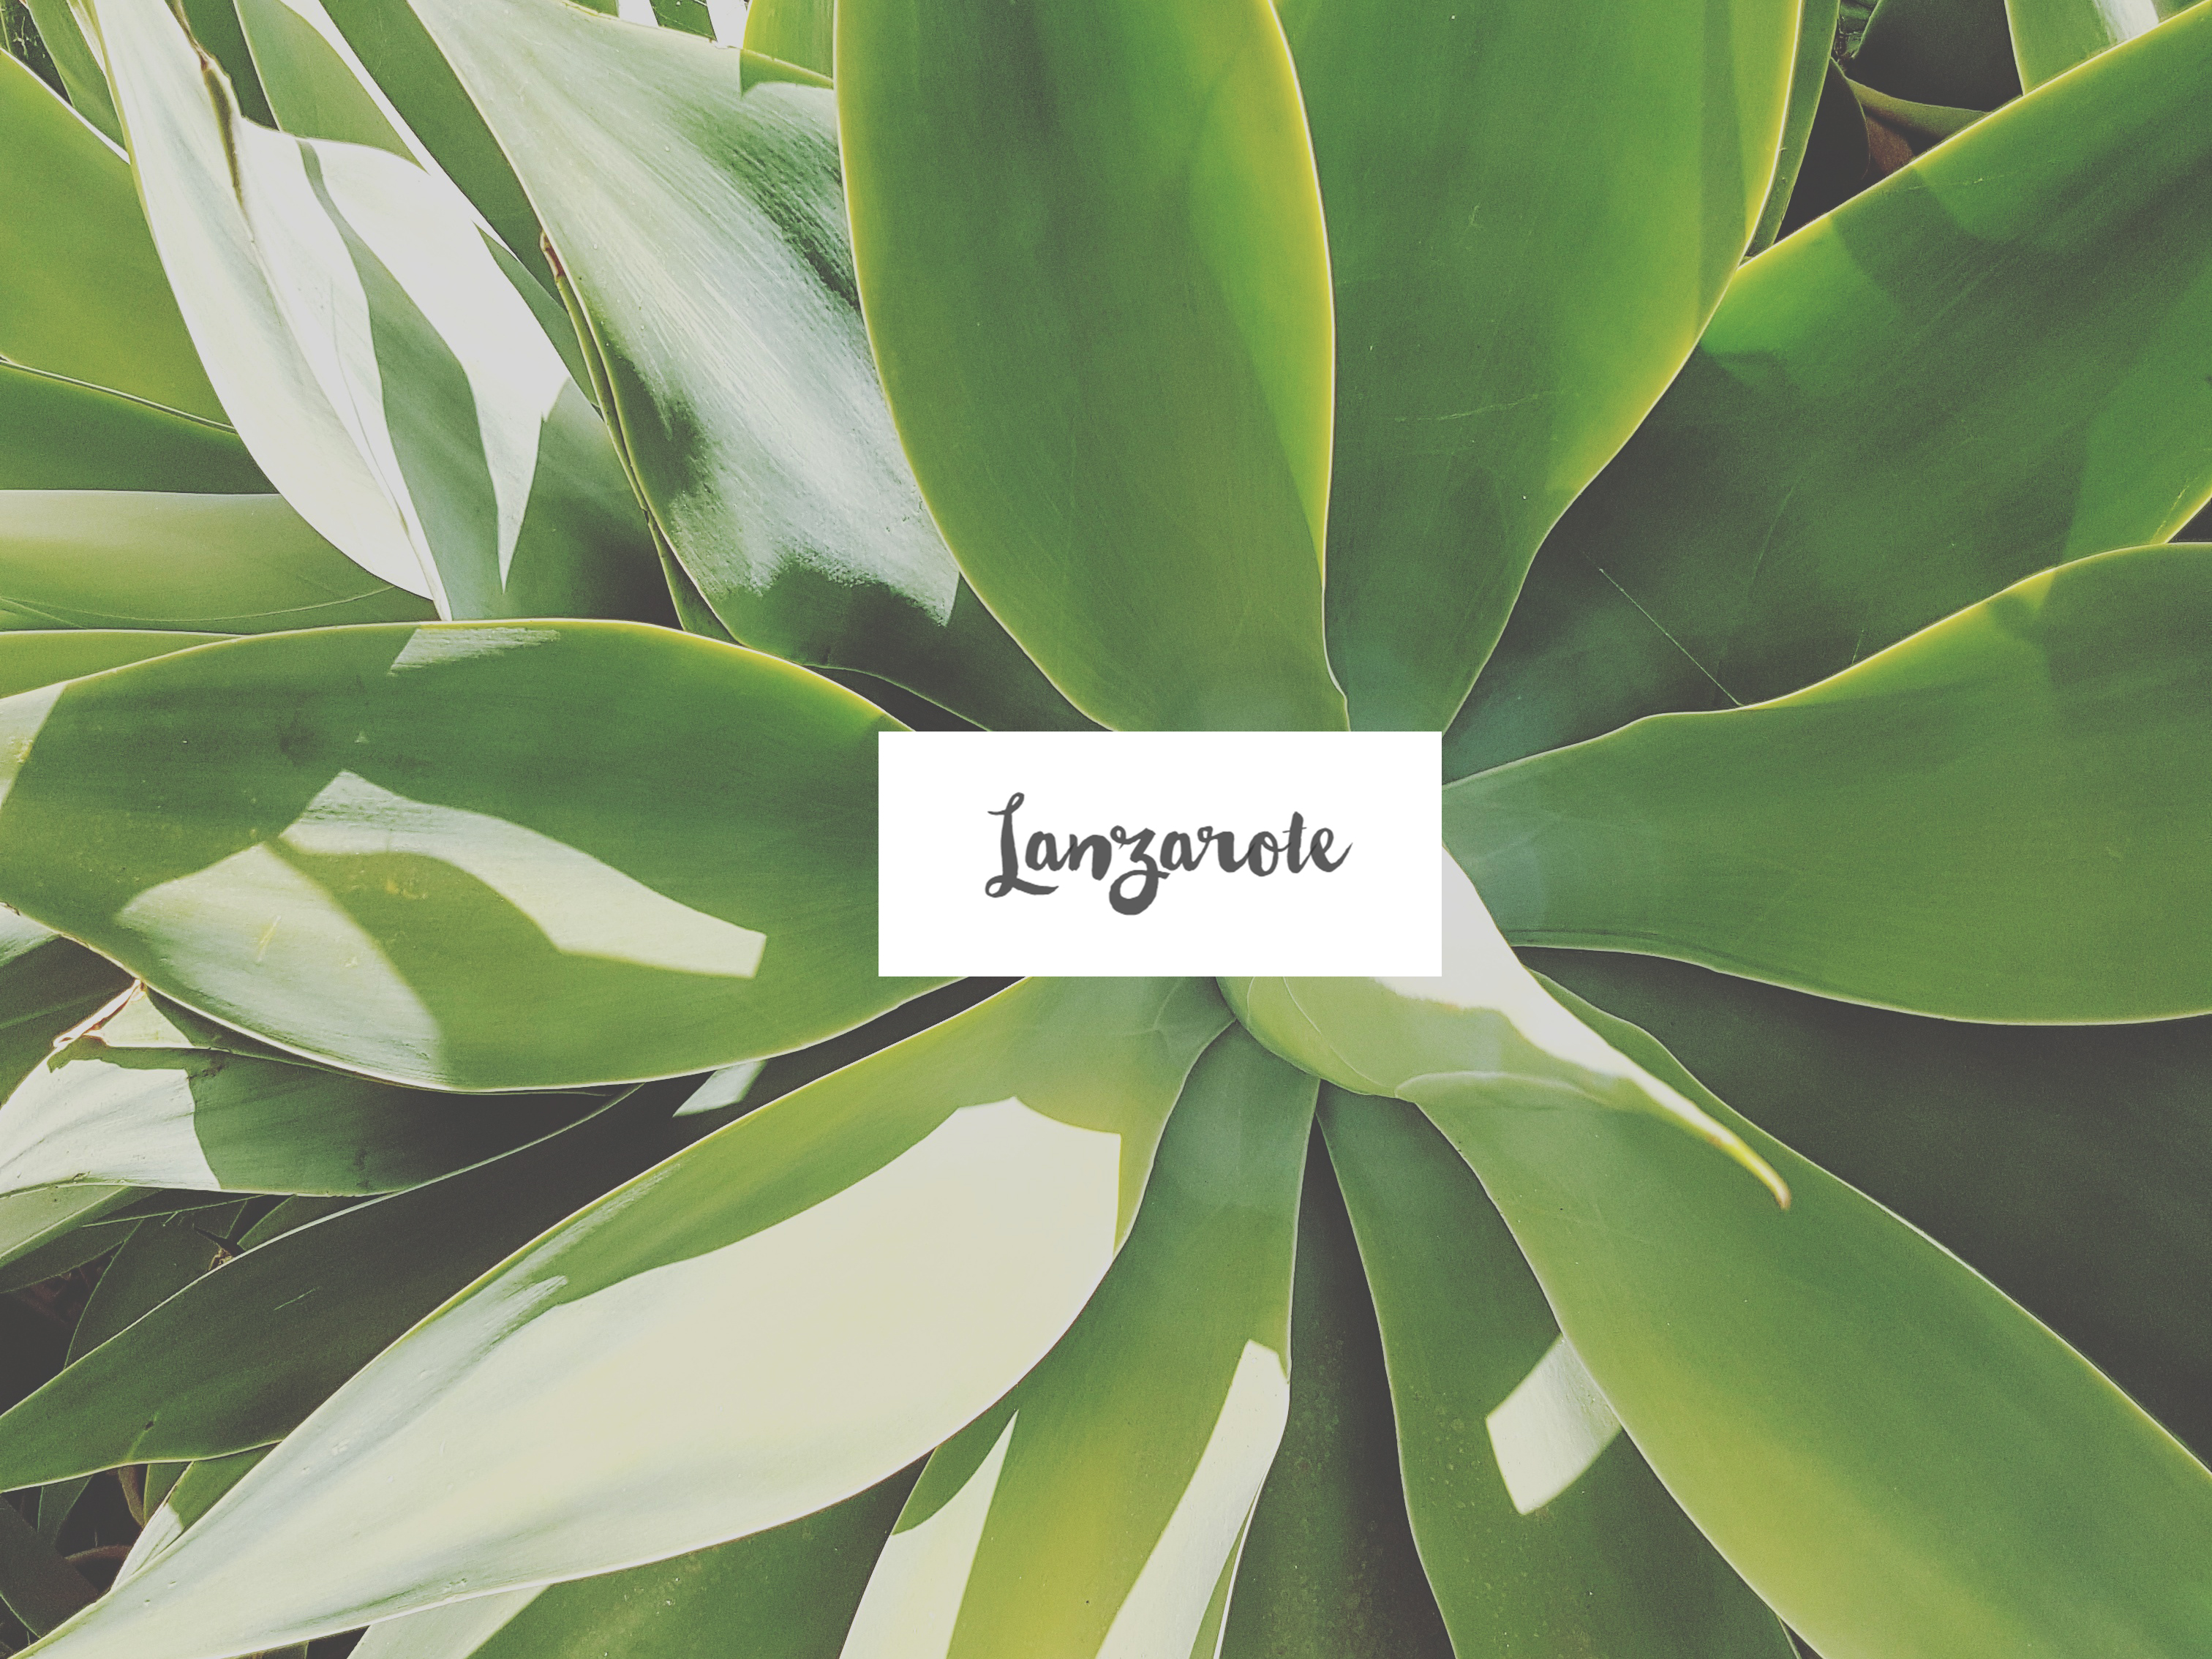 Lanzarote #Instagram